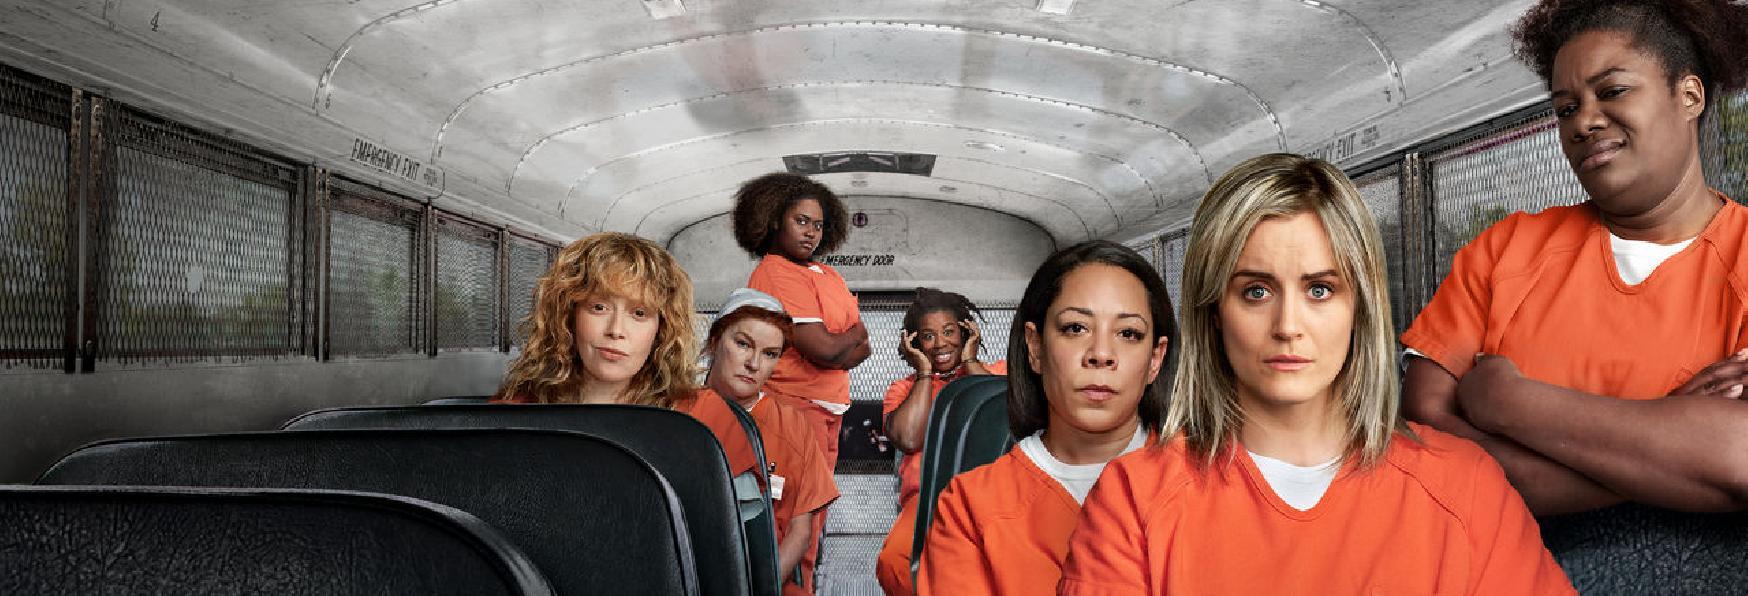 Orange is the New Black 7: il Video e la Data di Uscita della Stagione Finale